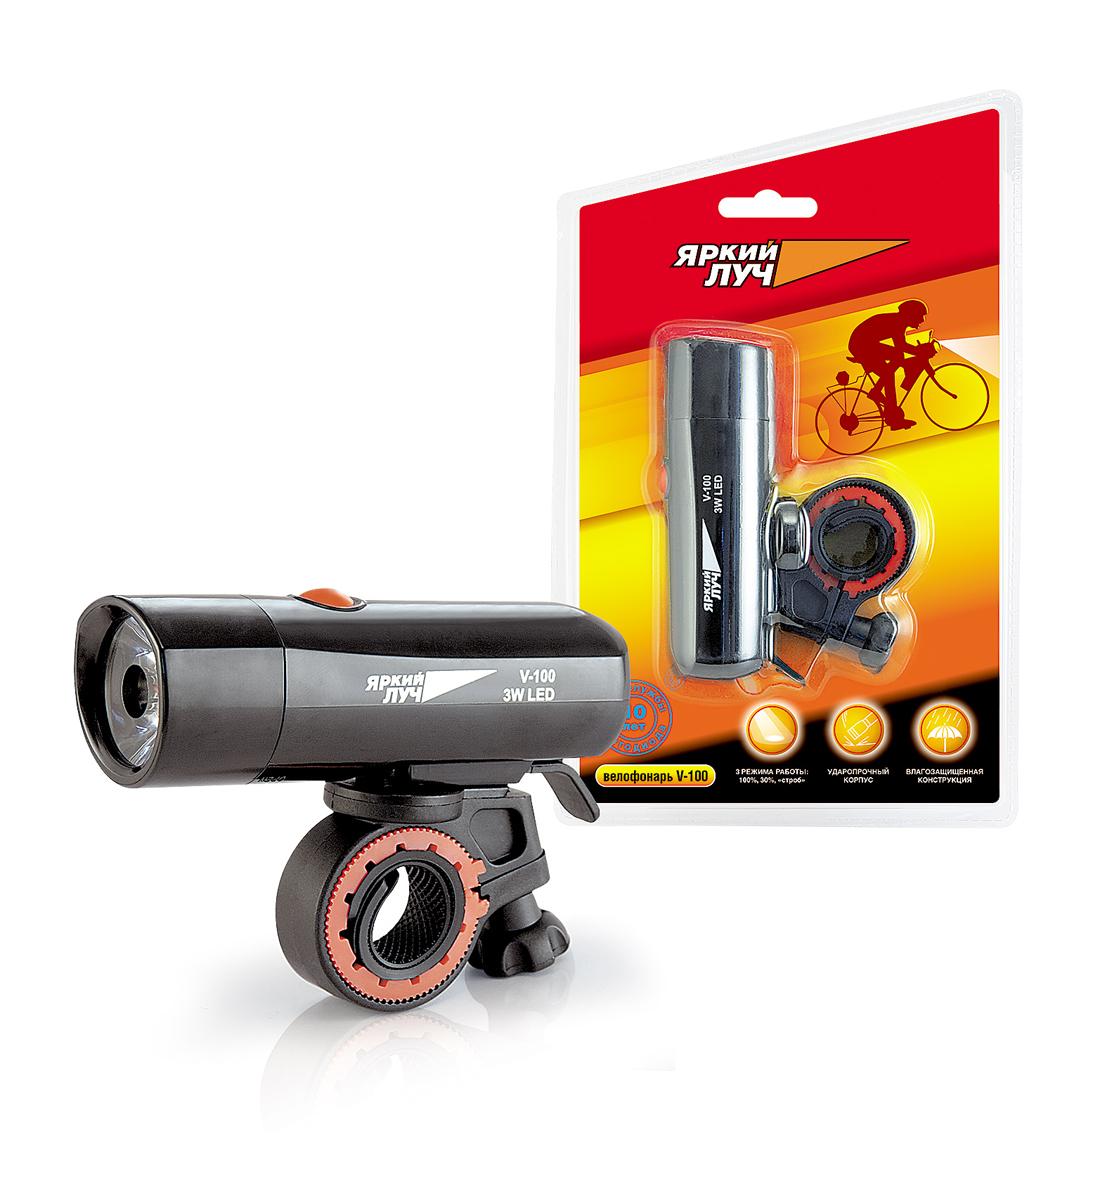 Велофонарь Яркий Луч. V-100V-100Фонарь спроектирован и рекомендован для велосипедистов, в комплекте поставляется крепление на руль. Незаменим для любителей ночных велопрогулок. Три режима работы: 100% (100 лм), 30% (30 лм) и строб. Яркий светодиод (3 Вт). Оптическая система фонаря (коллиматорная линза) позволит комфортно перемещаться на средней скорости в полной темноте, своевременно обозначая ямы и неровности дорог, а режим строб поможет обезопасить езду в светлое время суток. Элементы питания: 4 х ААА (R03), в комплект не входят, обеспечат светом в пути продолжительное время (в режиме 100% - не менее 2 часов). Влагозащищенный корпус убережет фонарь в дождливую погоду. Конструктивная особенность: поворот фонаря относительно крепления на 360°. ЯРКИЙ 3 Вт СВЕТОДИОД 3 РЕЖИМА РАБОТЫ: 100%, 30%, «строб» УДАРОПРОЧНЫЙ КОРПУС ВЛАГОЗАЩИЩЕННАЯ КОНСТРУКЦИЯ Фонарь спроектирован и рекомендован для велосипедистов, в комплекте поставляется крепление на руль. Незаменим для любителей ночных...